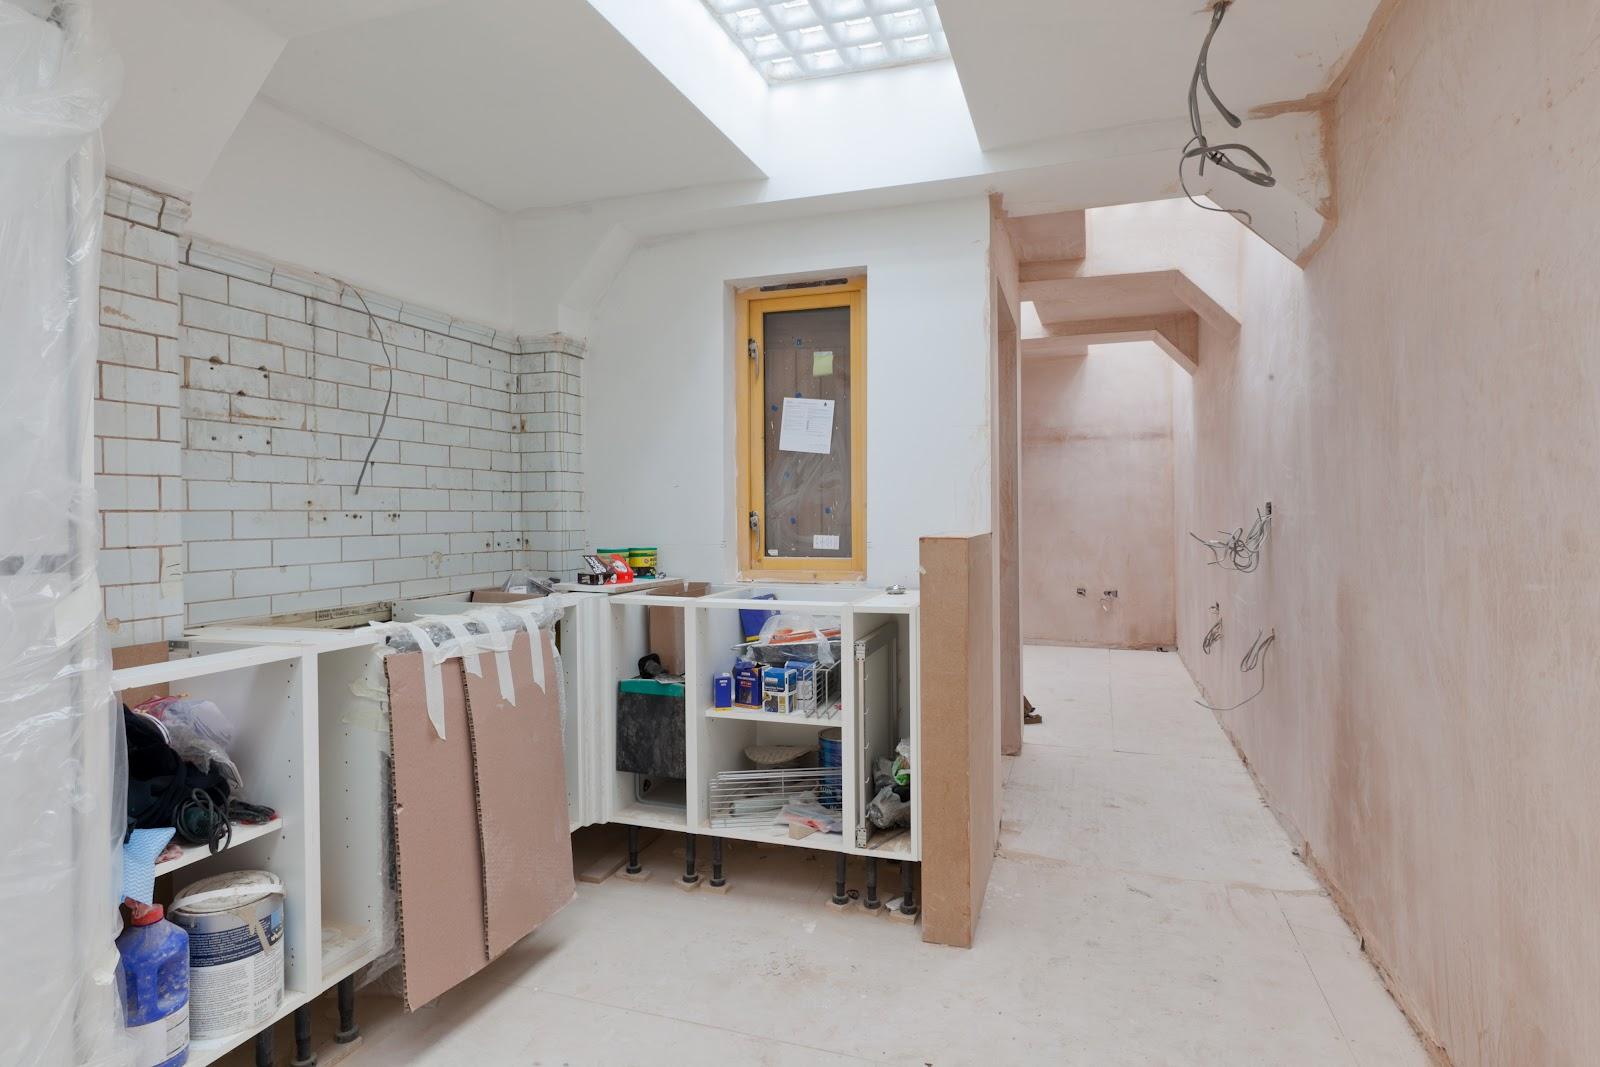 Reconversión de un baño público en la calle a vivienda de ...